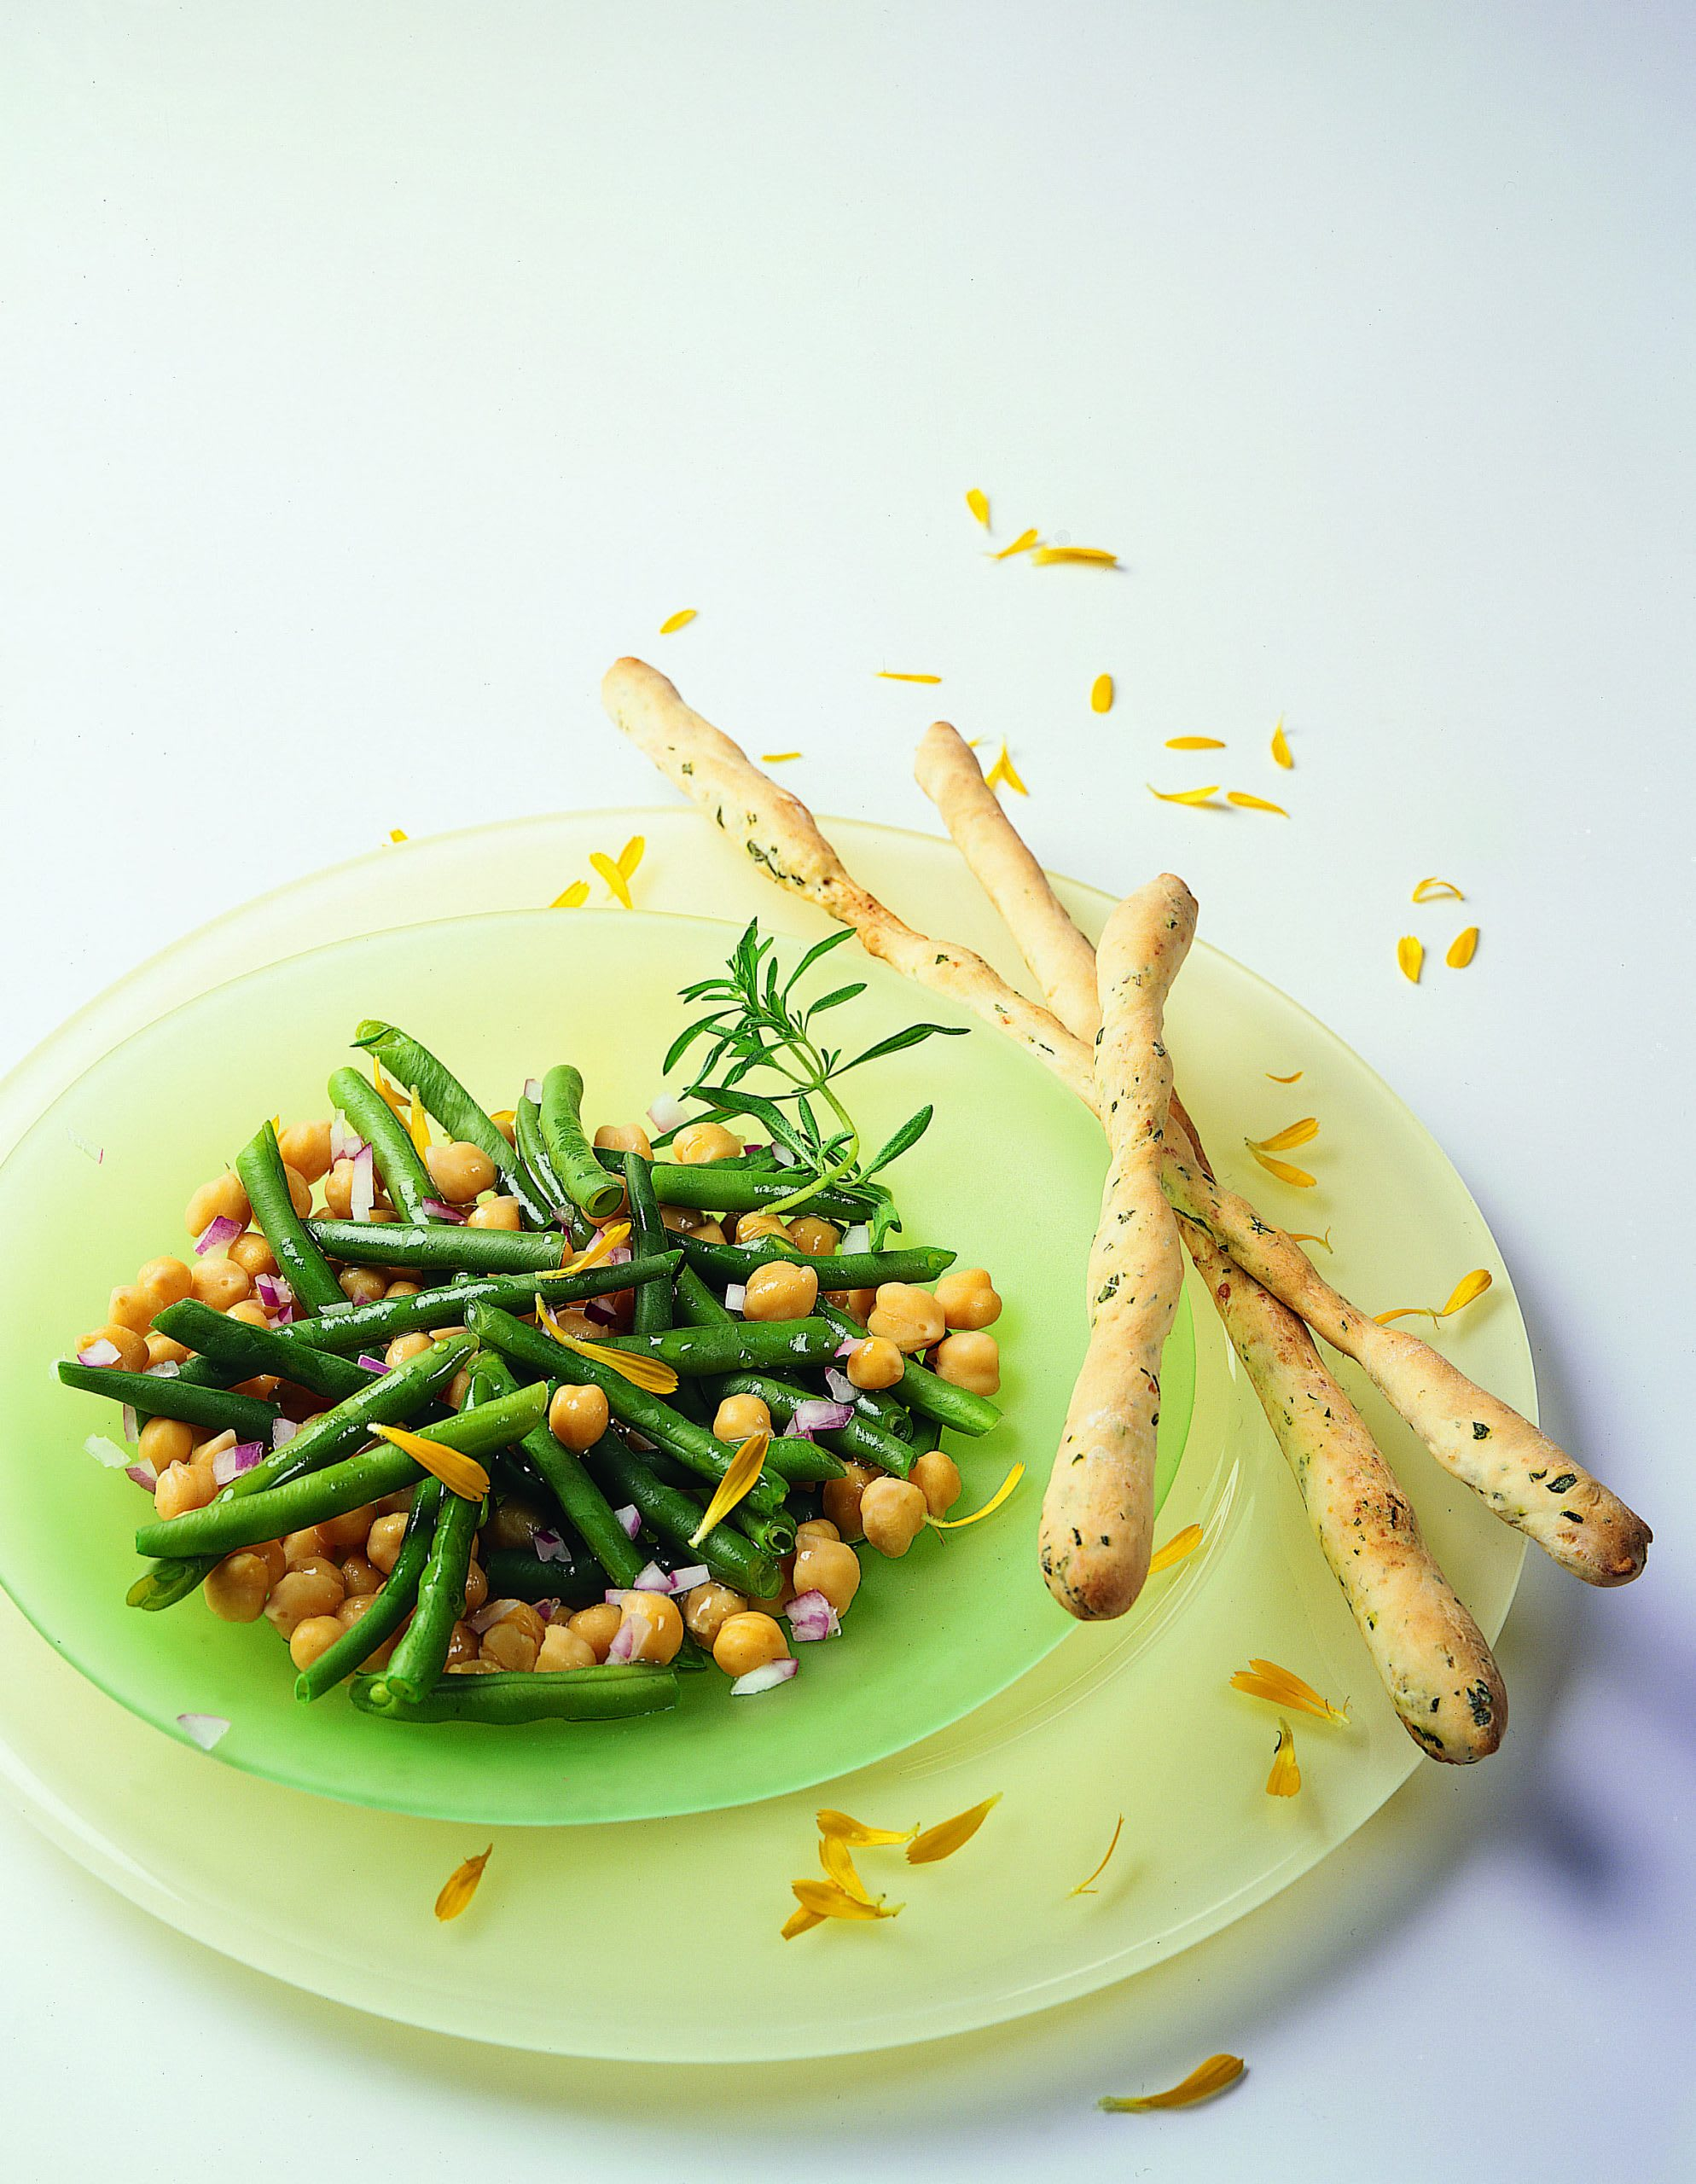 Bohnen-Kichererbsen-Salat mit Kräuter-Käse-Stangen